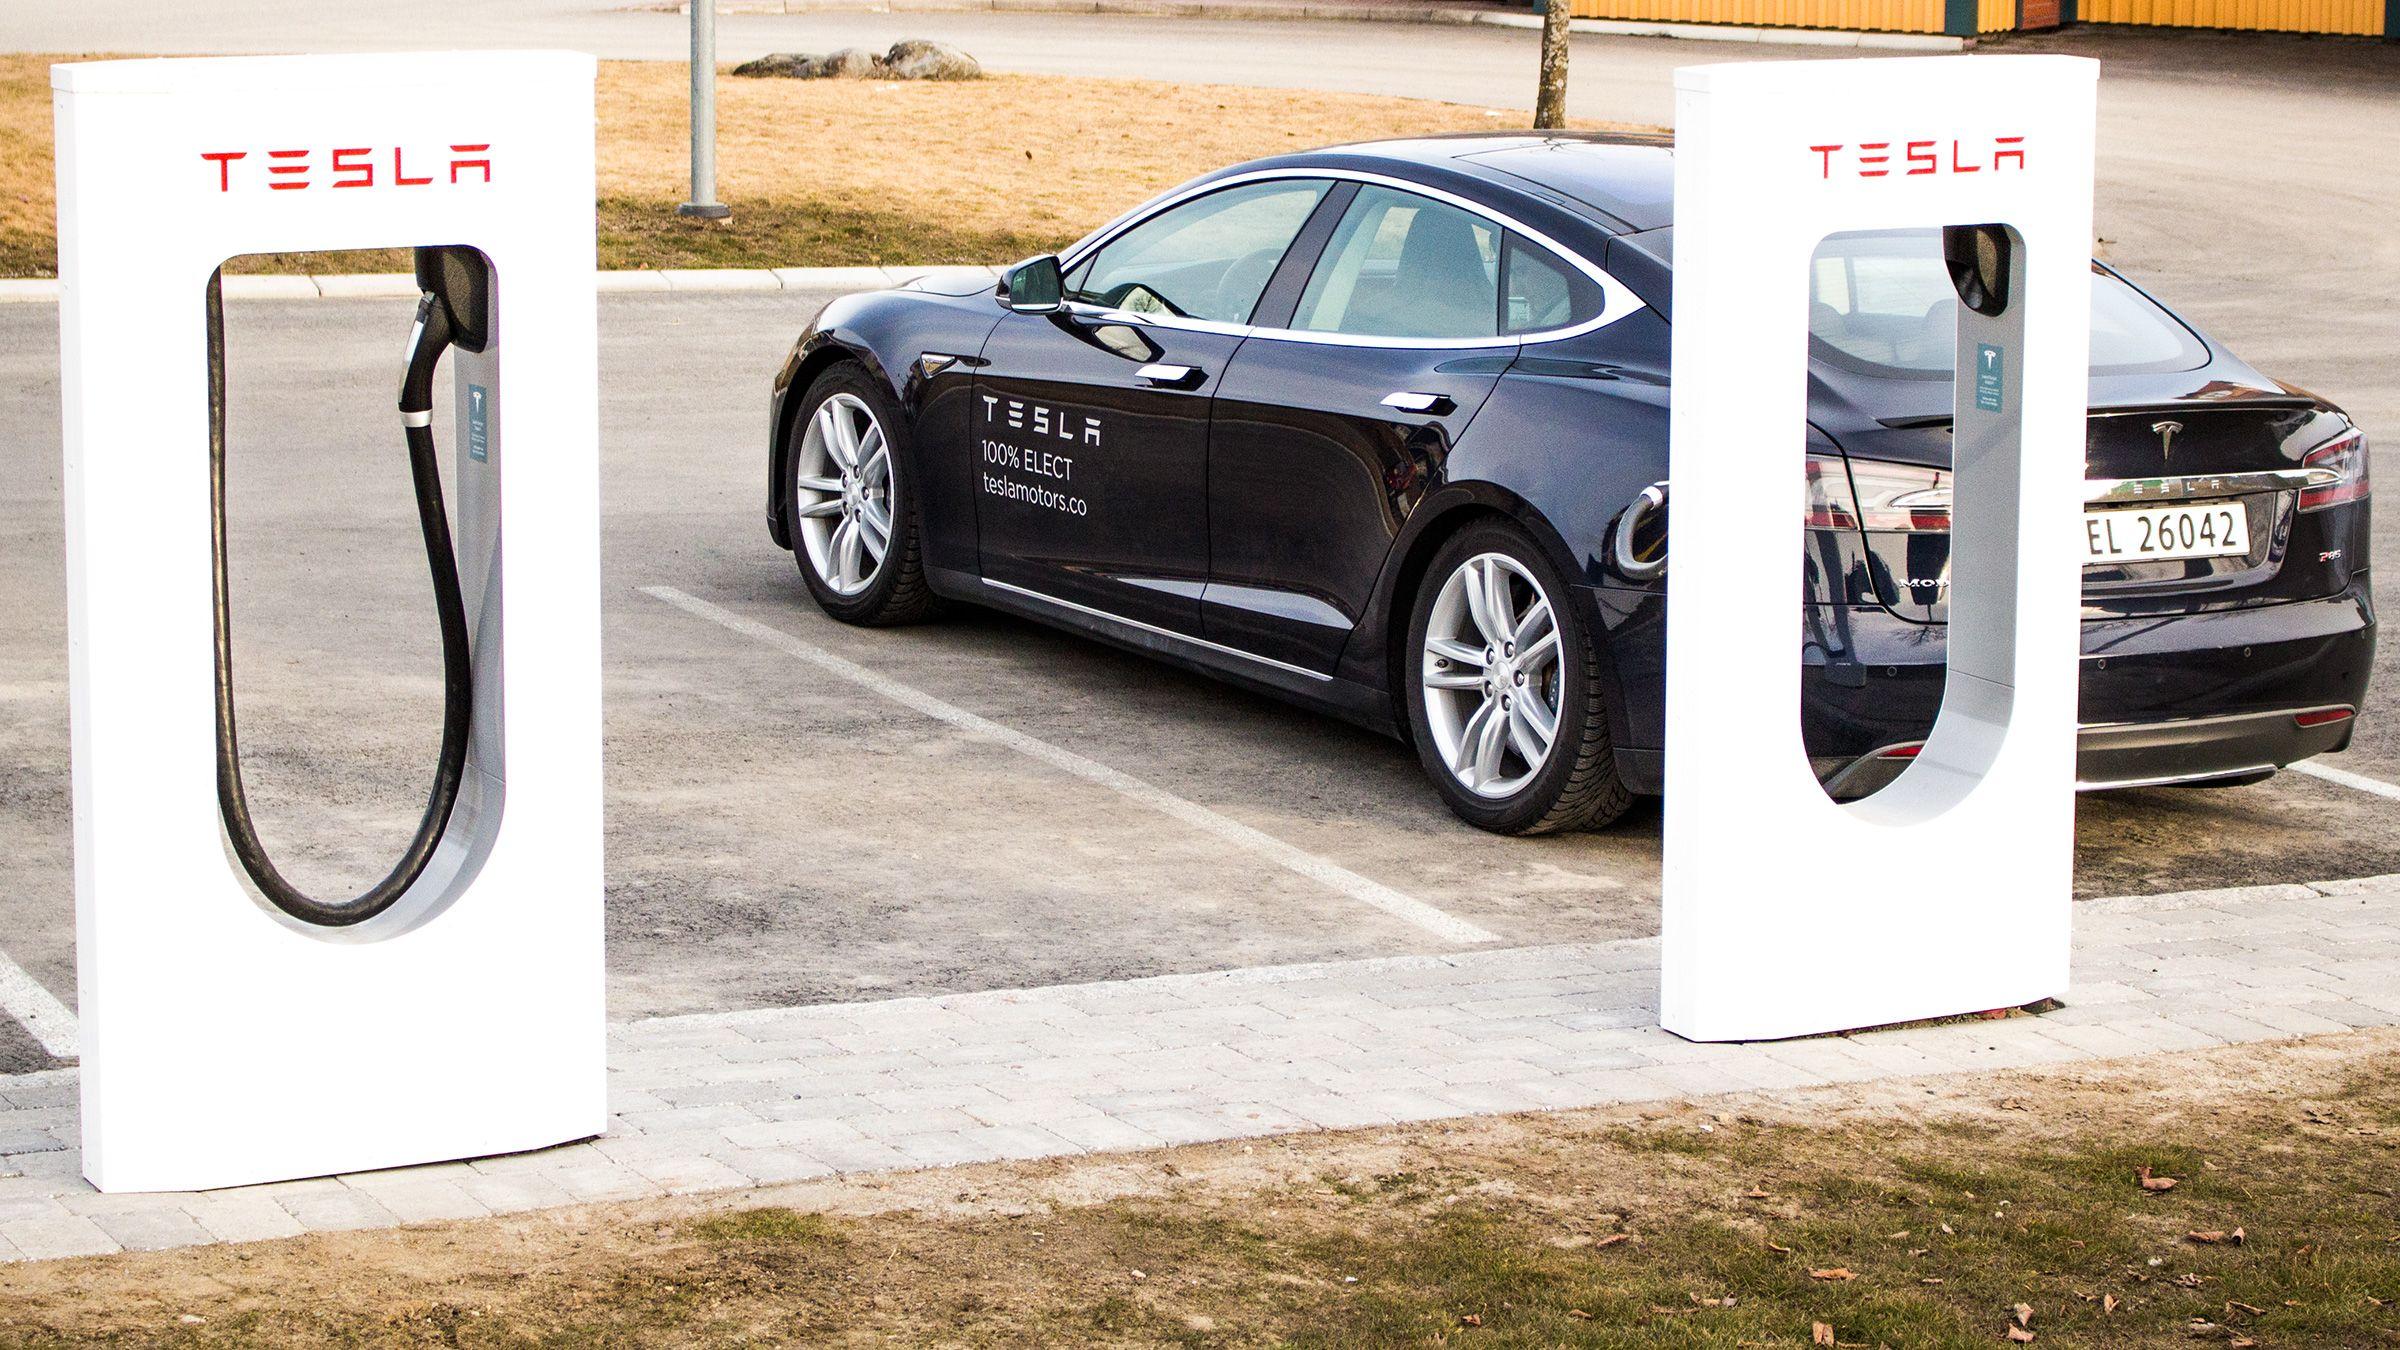 Teslas egne ladestasjoner har såkalte superladere, og lader mye raskere enn vanlige ladestasjoner.Foto: Vegar Jansen, Hardware.no